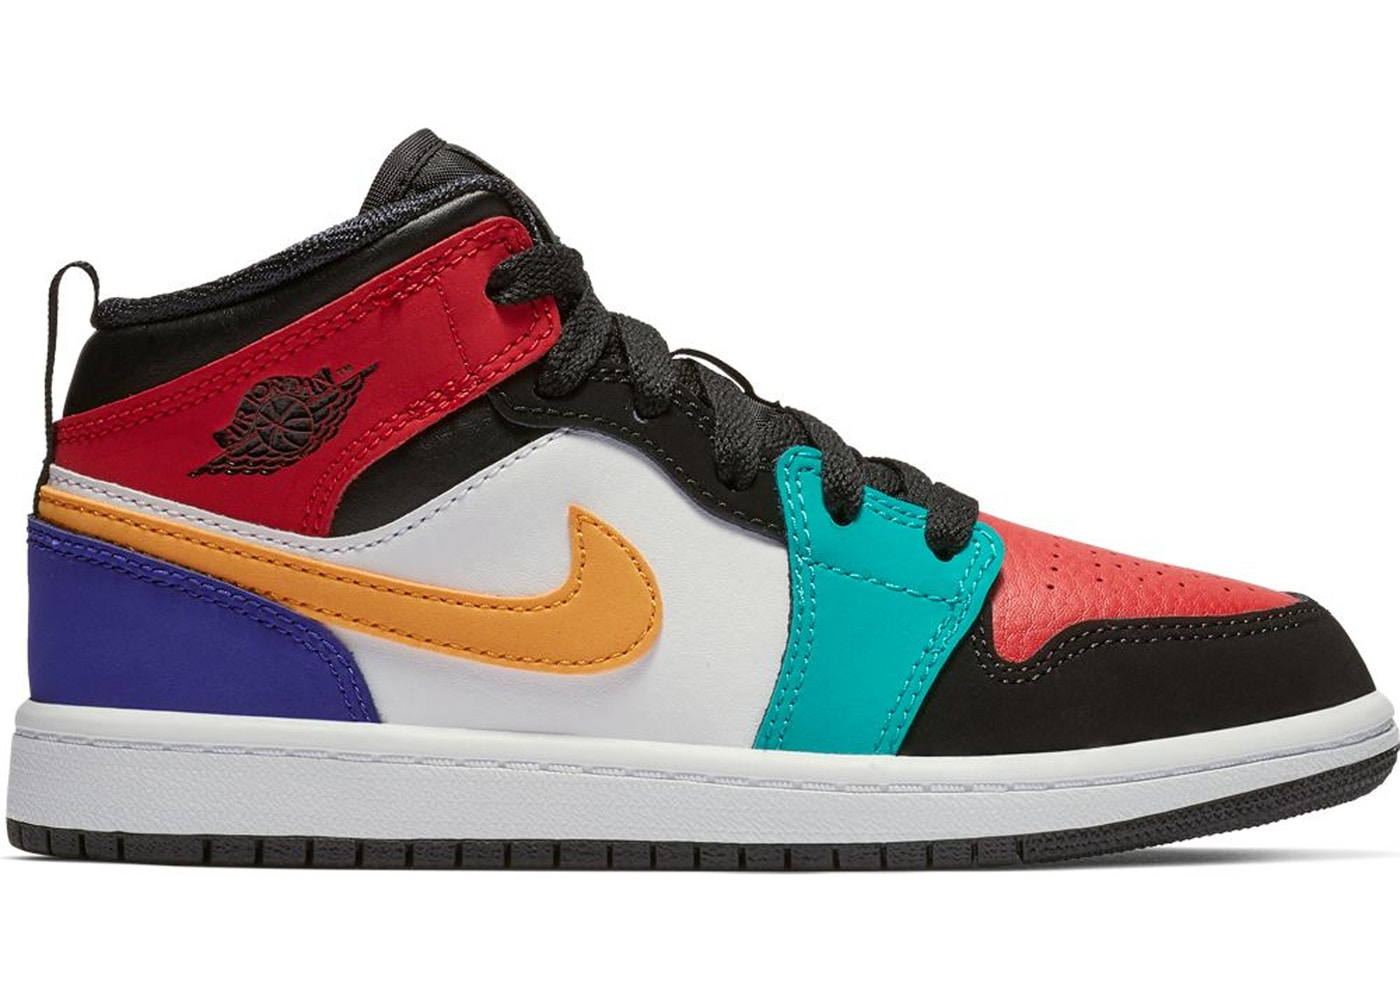 394c20ada4a Jordan 1 Mid Bred Multi-Color (PS) - 640734-125